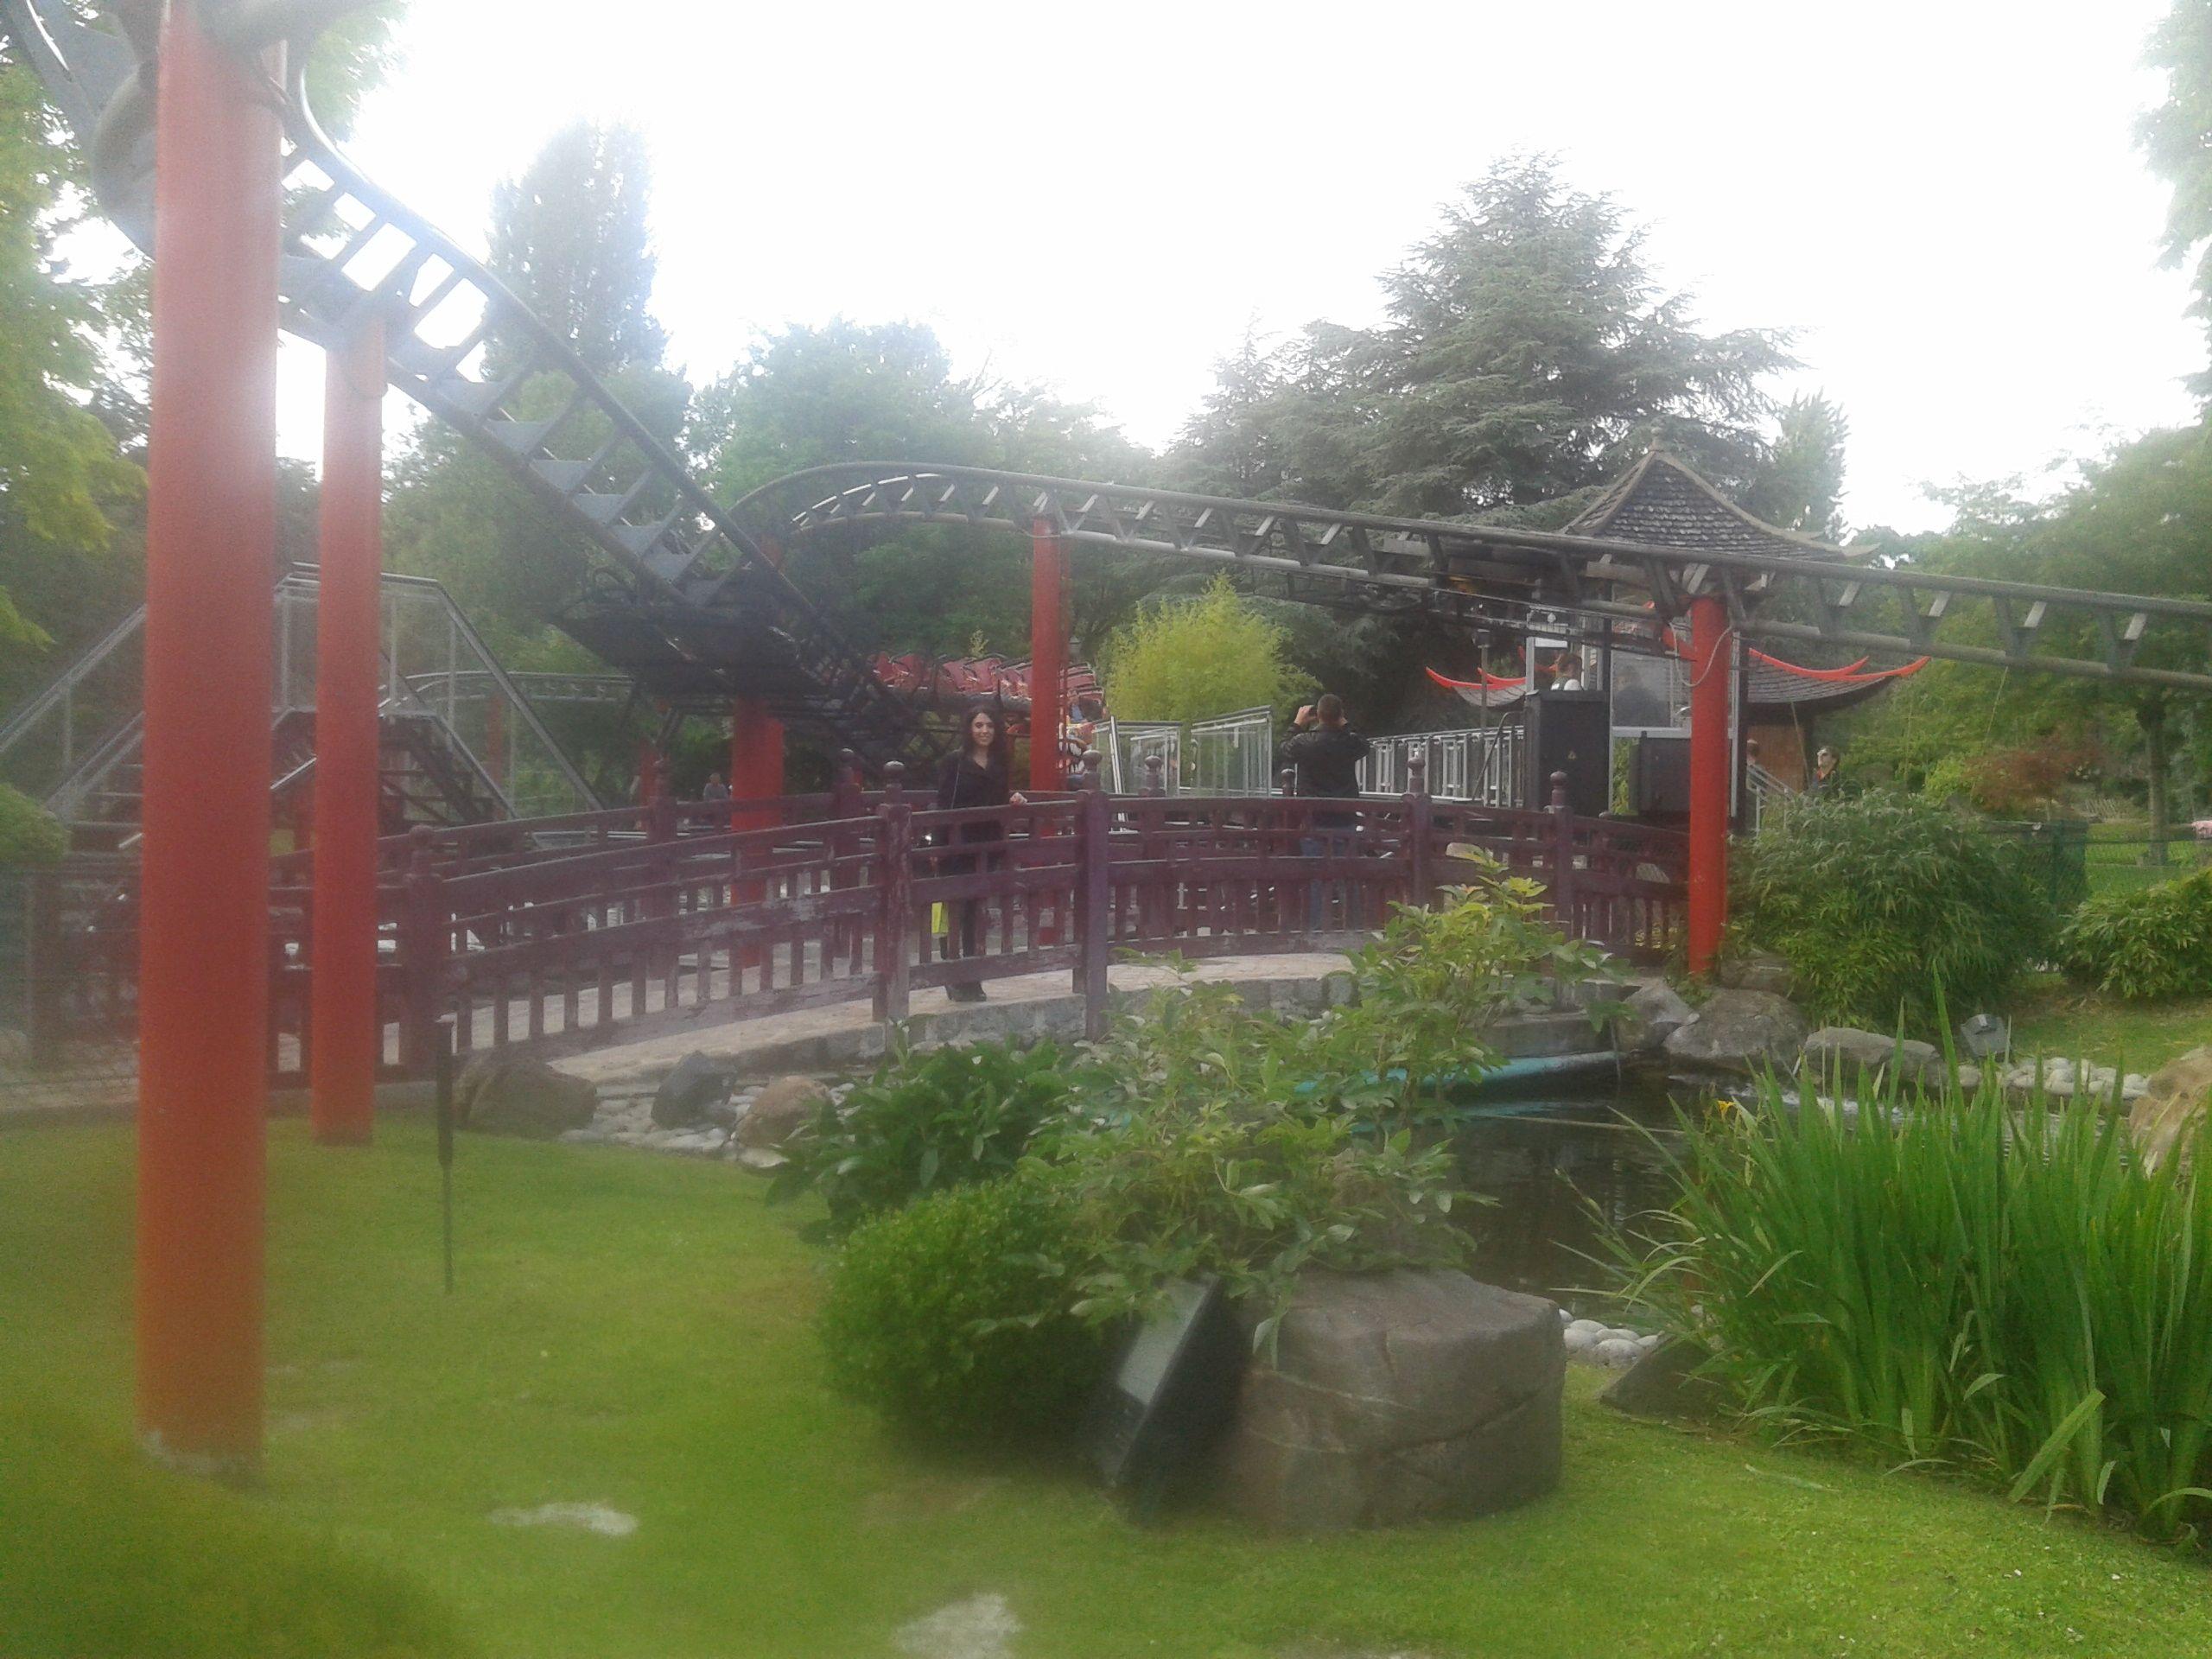 jardin d acclimatation bois de boulogne seoul voir cette épingle et ~ Jardin D Acclimatation Bois De Boulogne